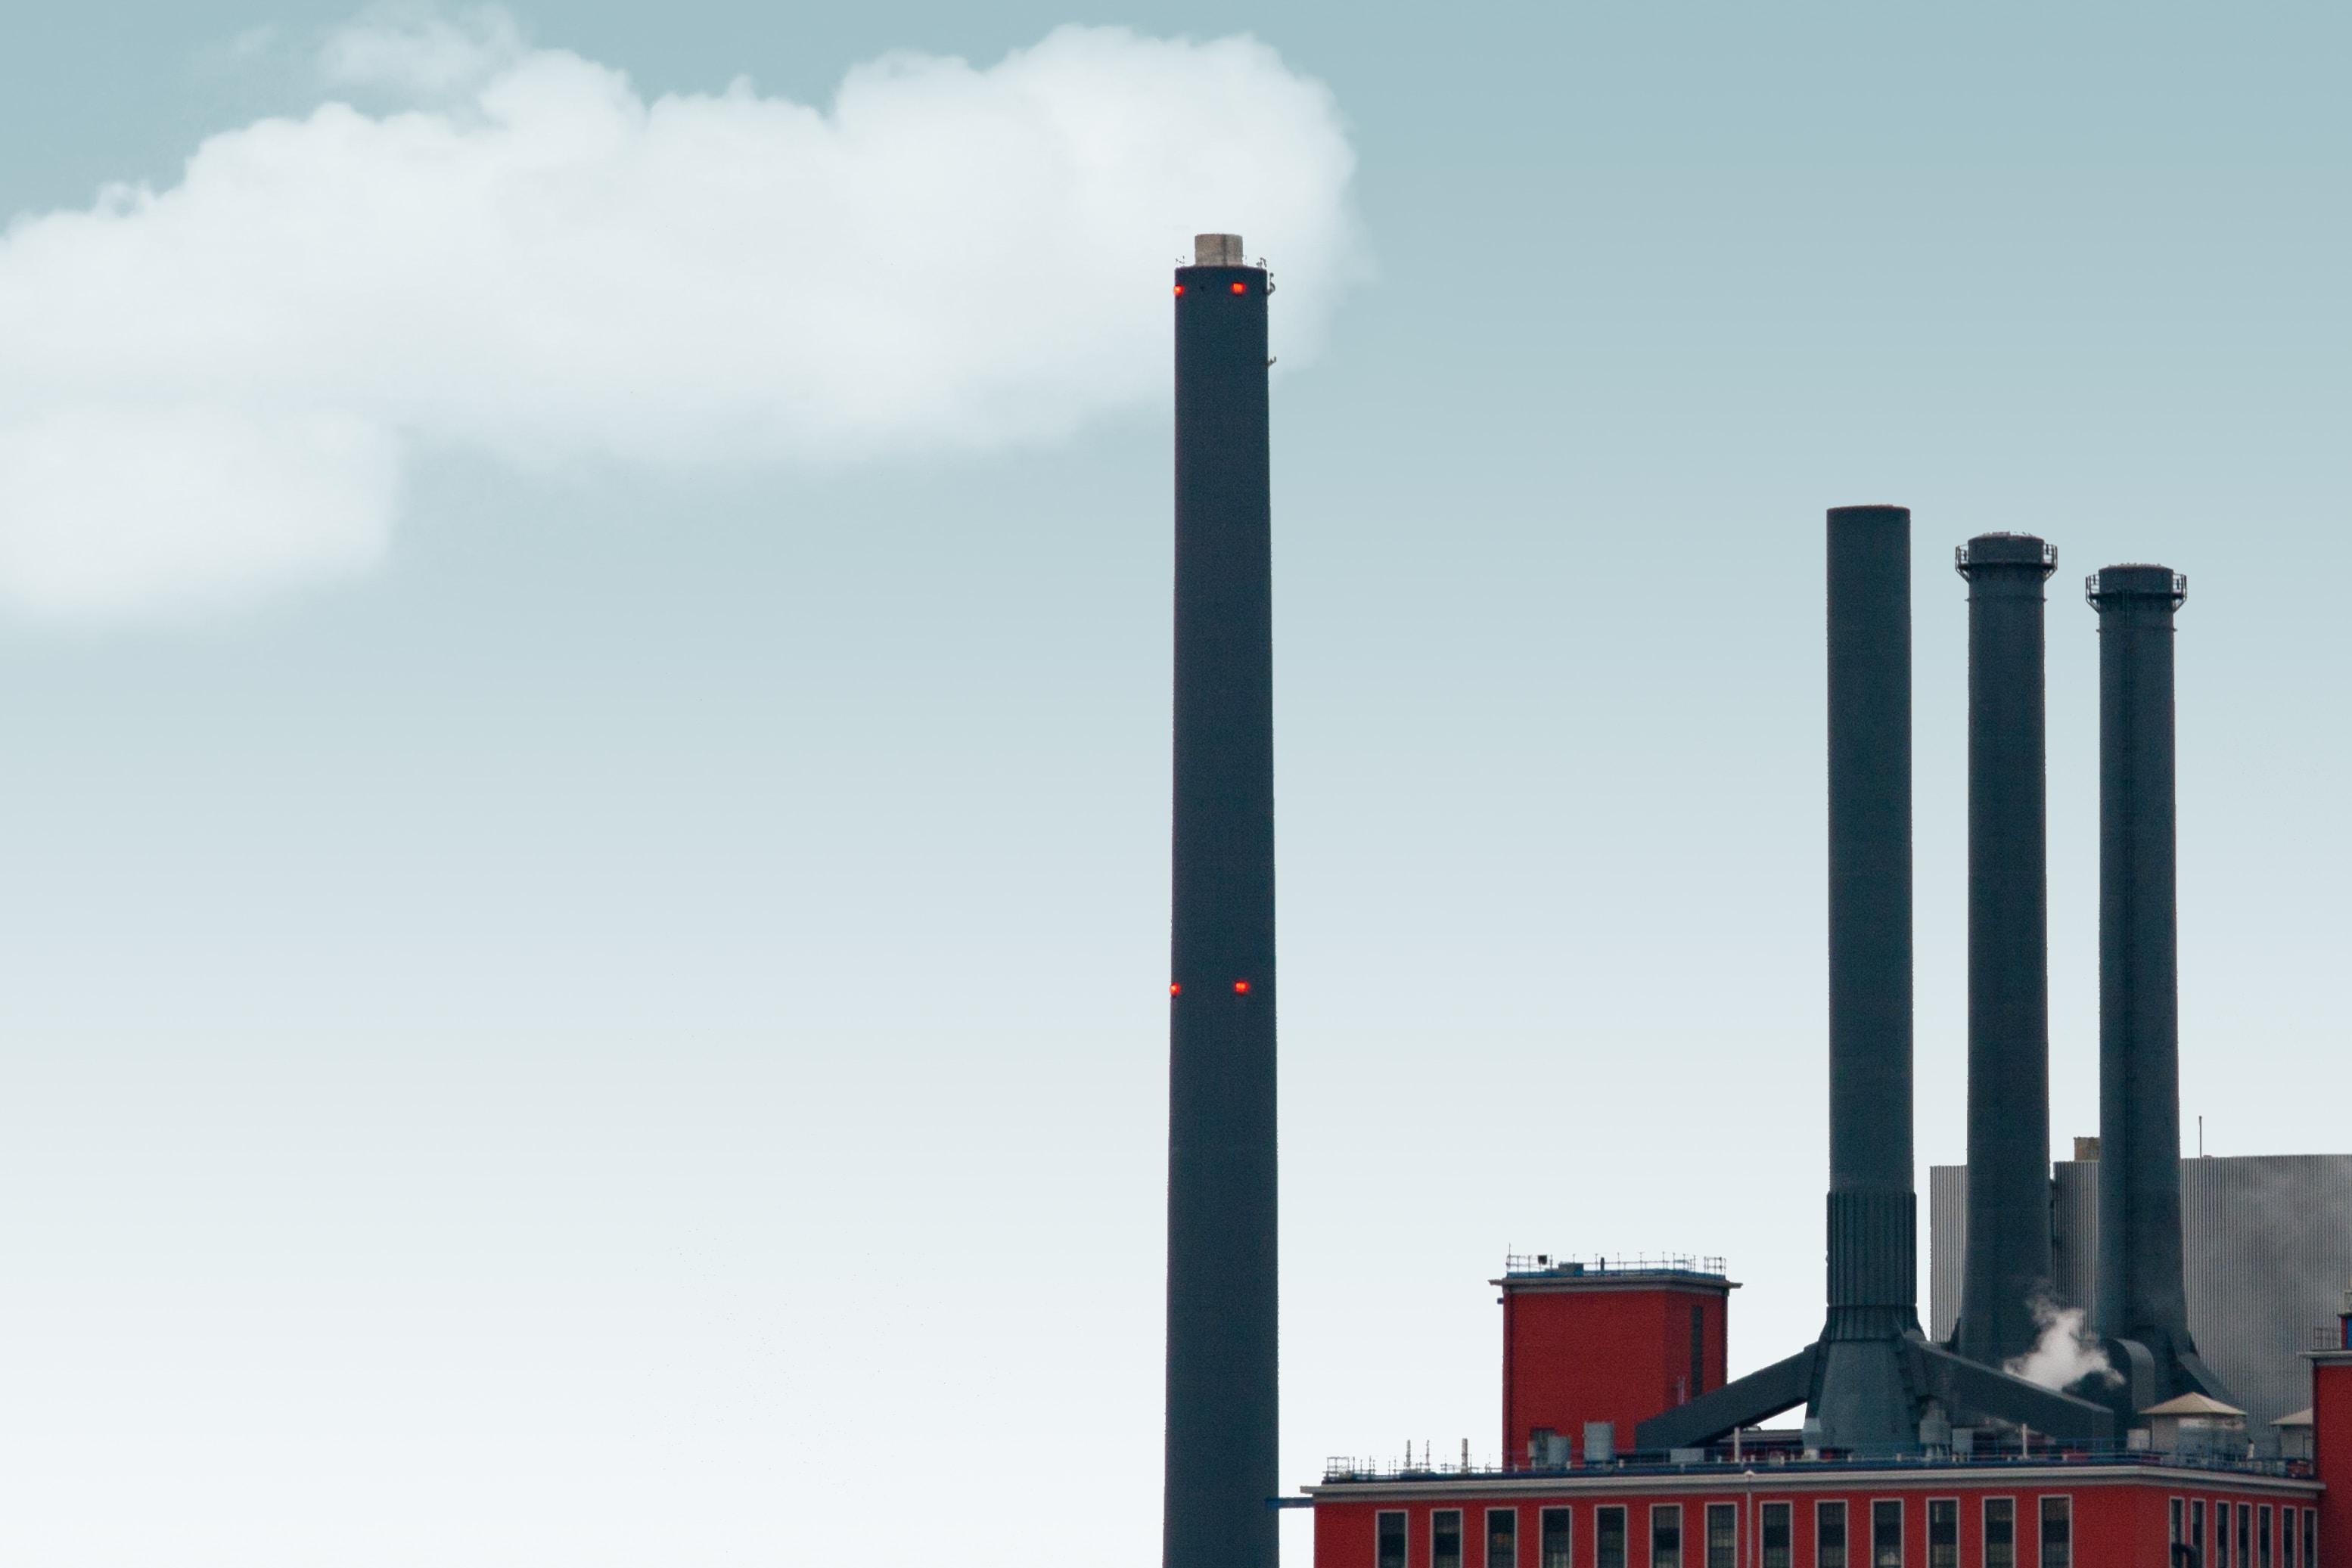 gray exhaust emitting white smoke